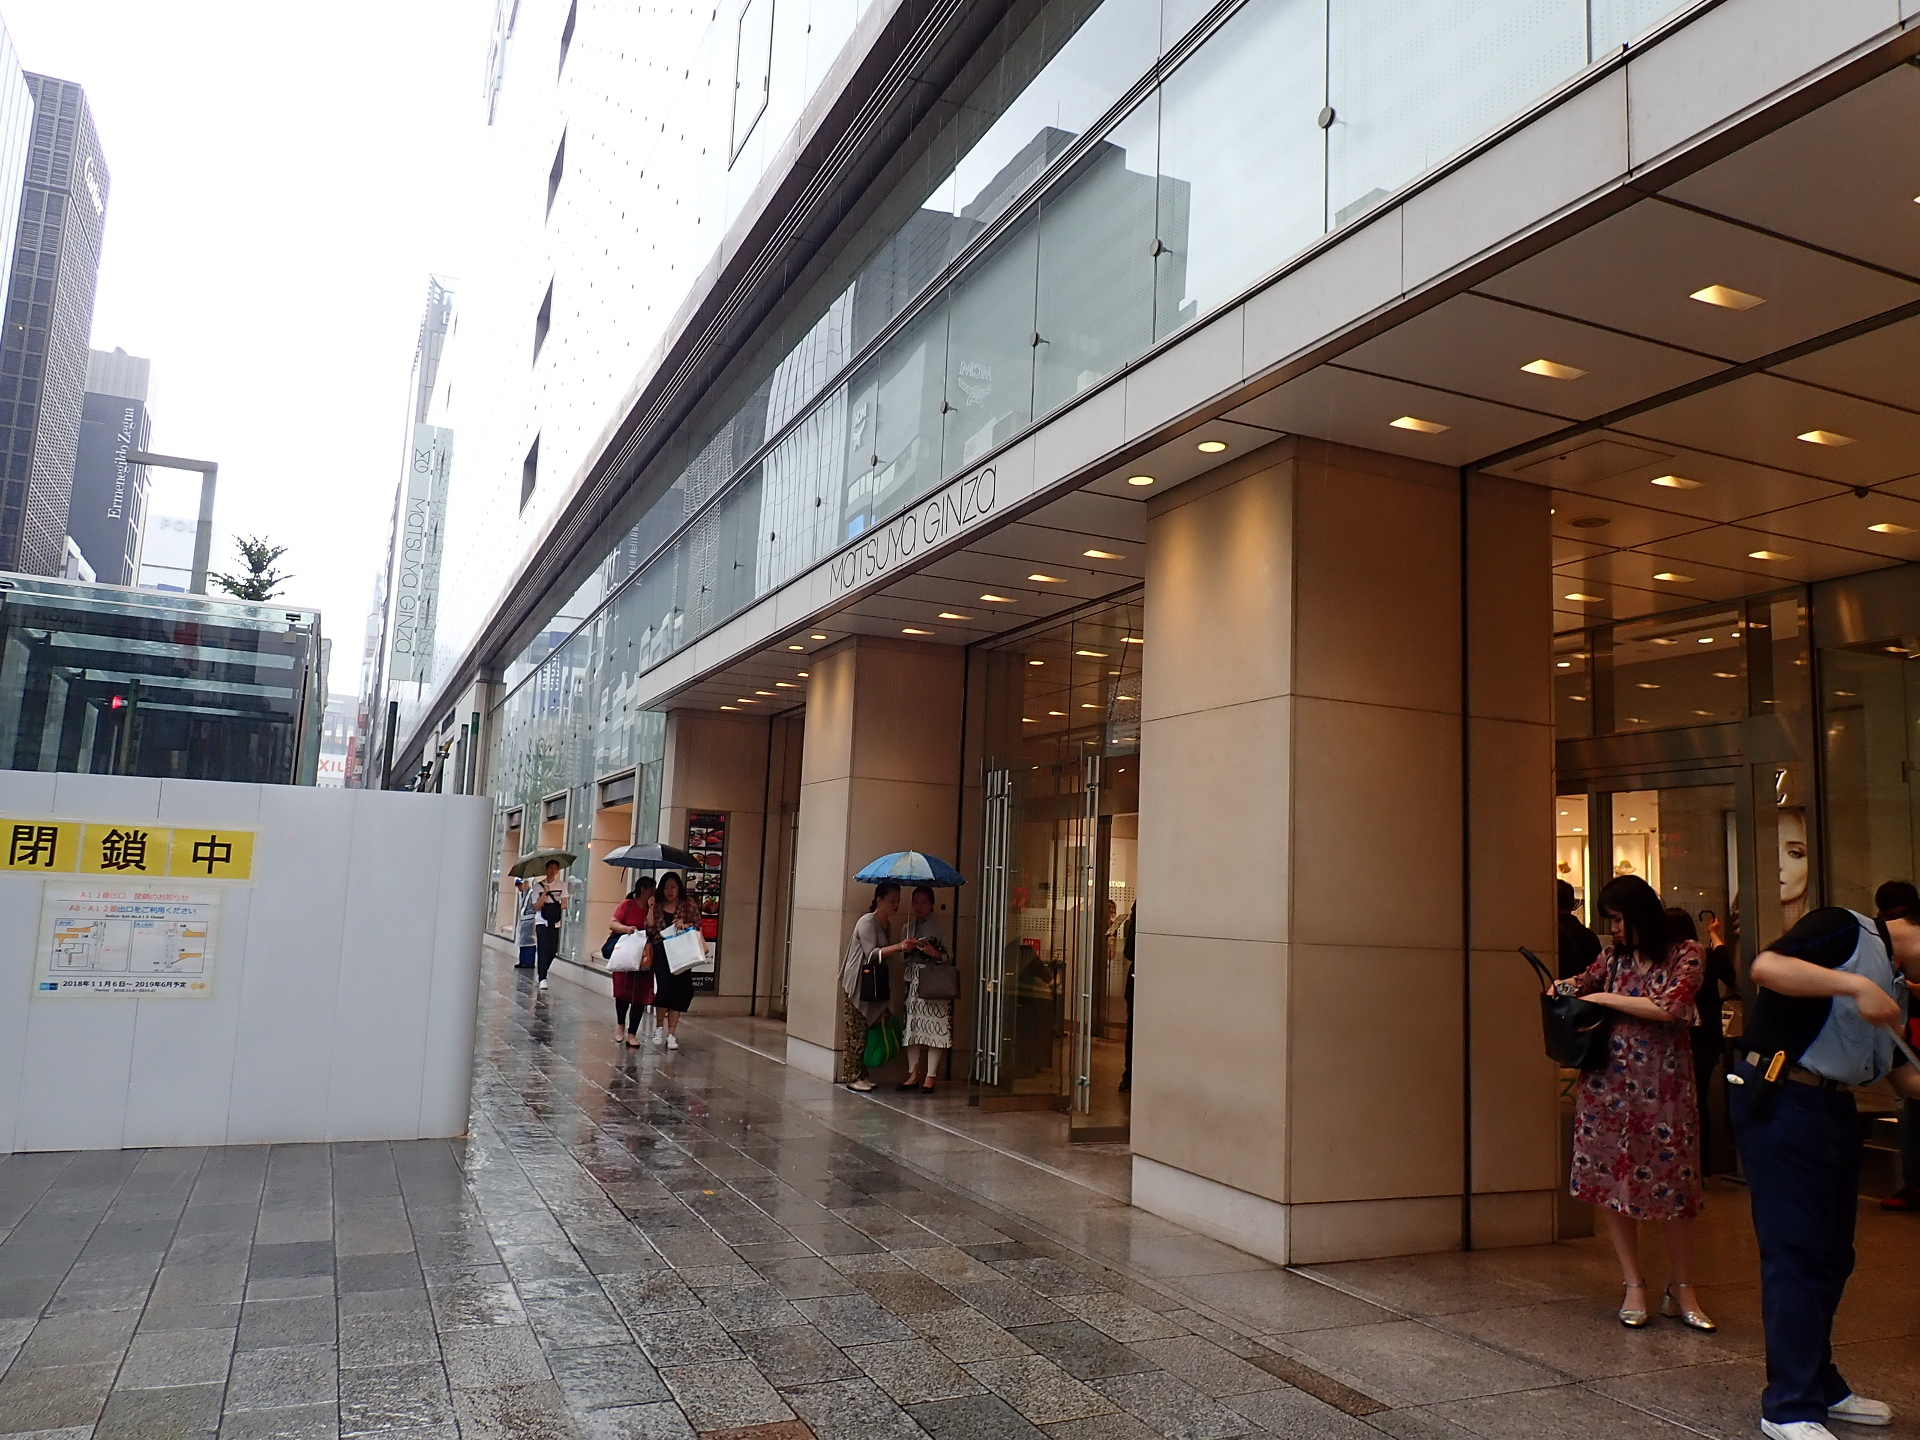 かつて鉄道模型ショウが開催された銀座松屋百貨店です。